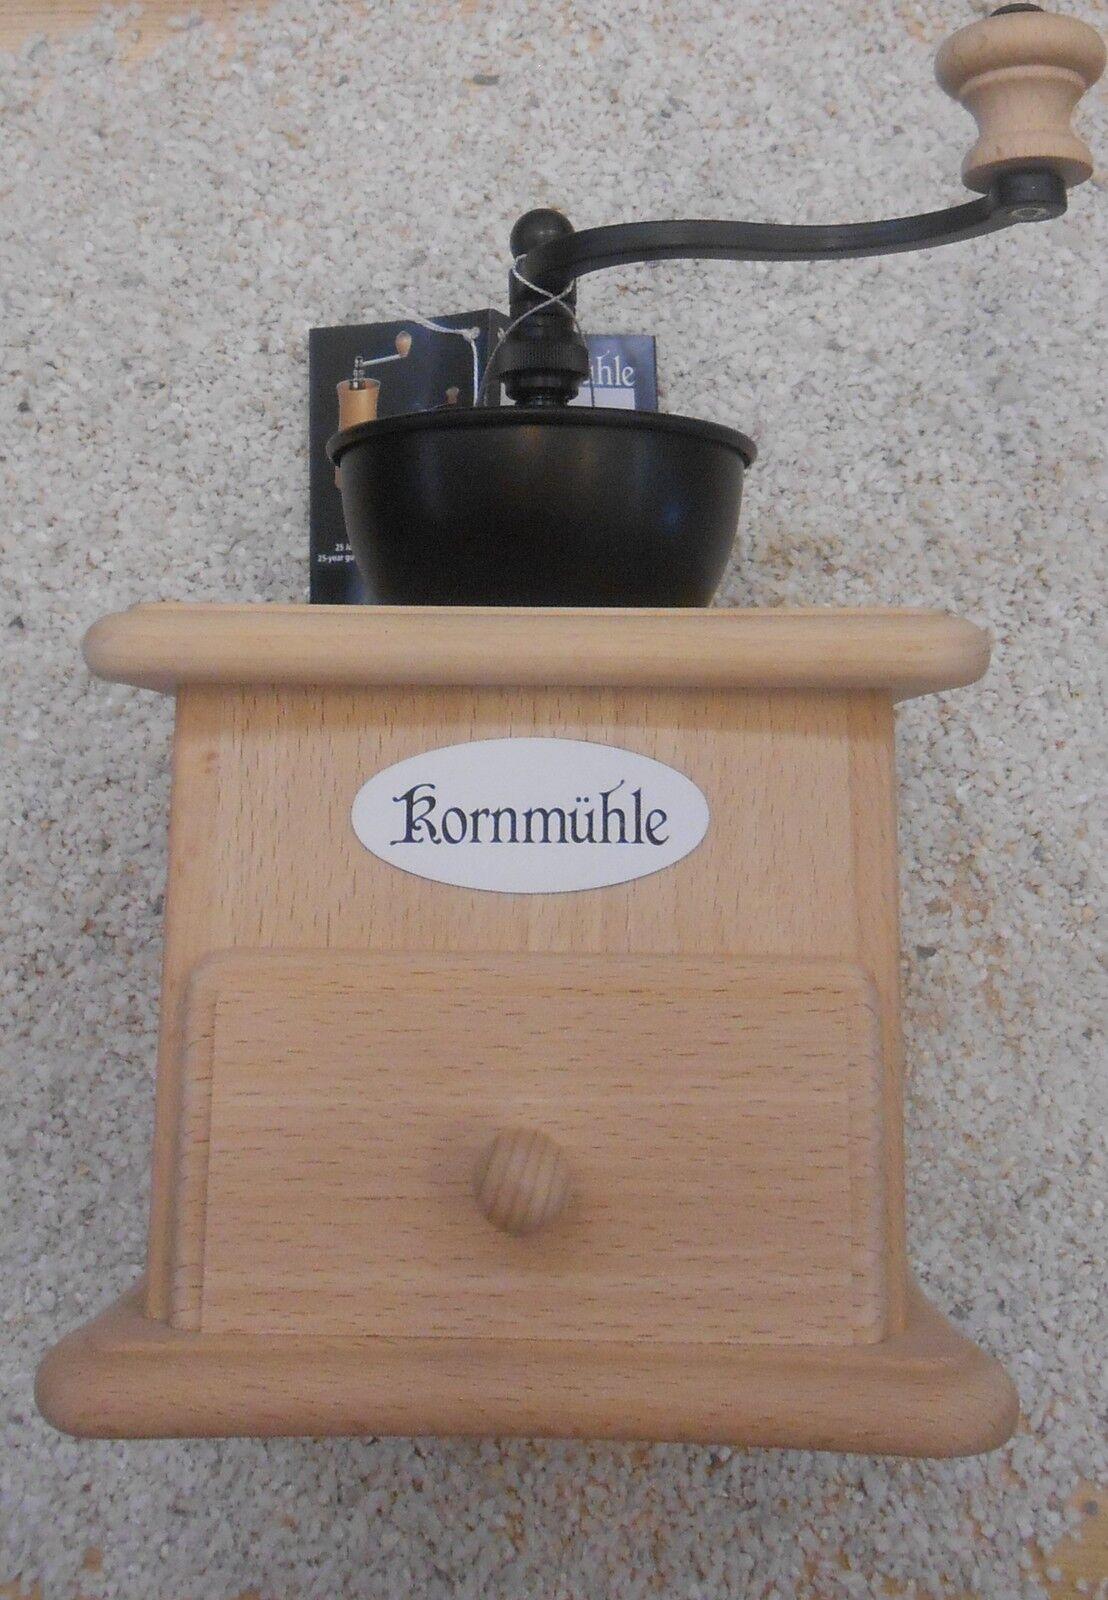 Zassenhaus Kurbelmühle Kornmühle Mühle Buche natur neu | | | Günstigen Preis  d0cdad